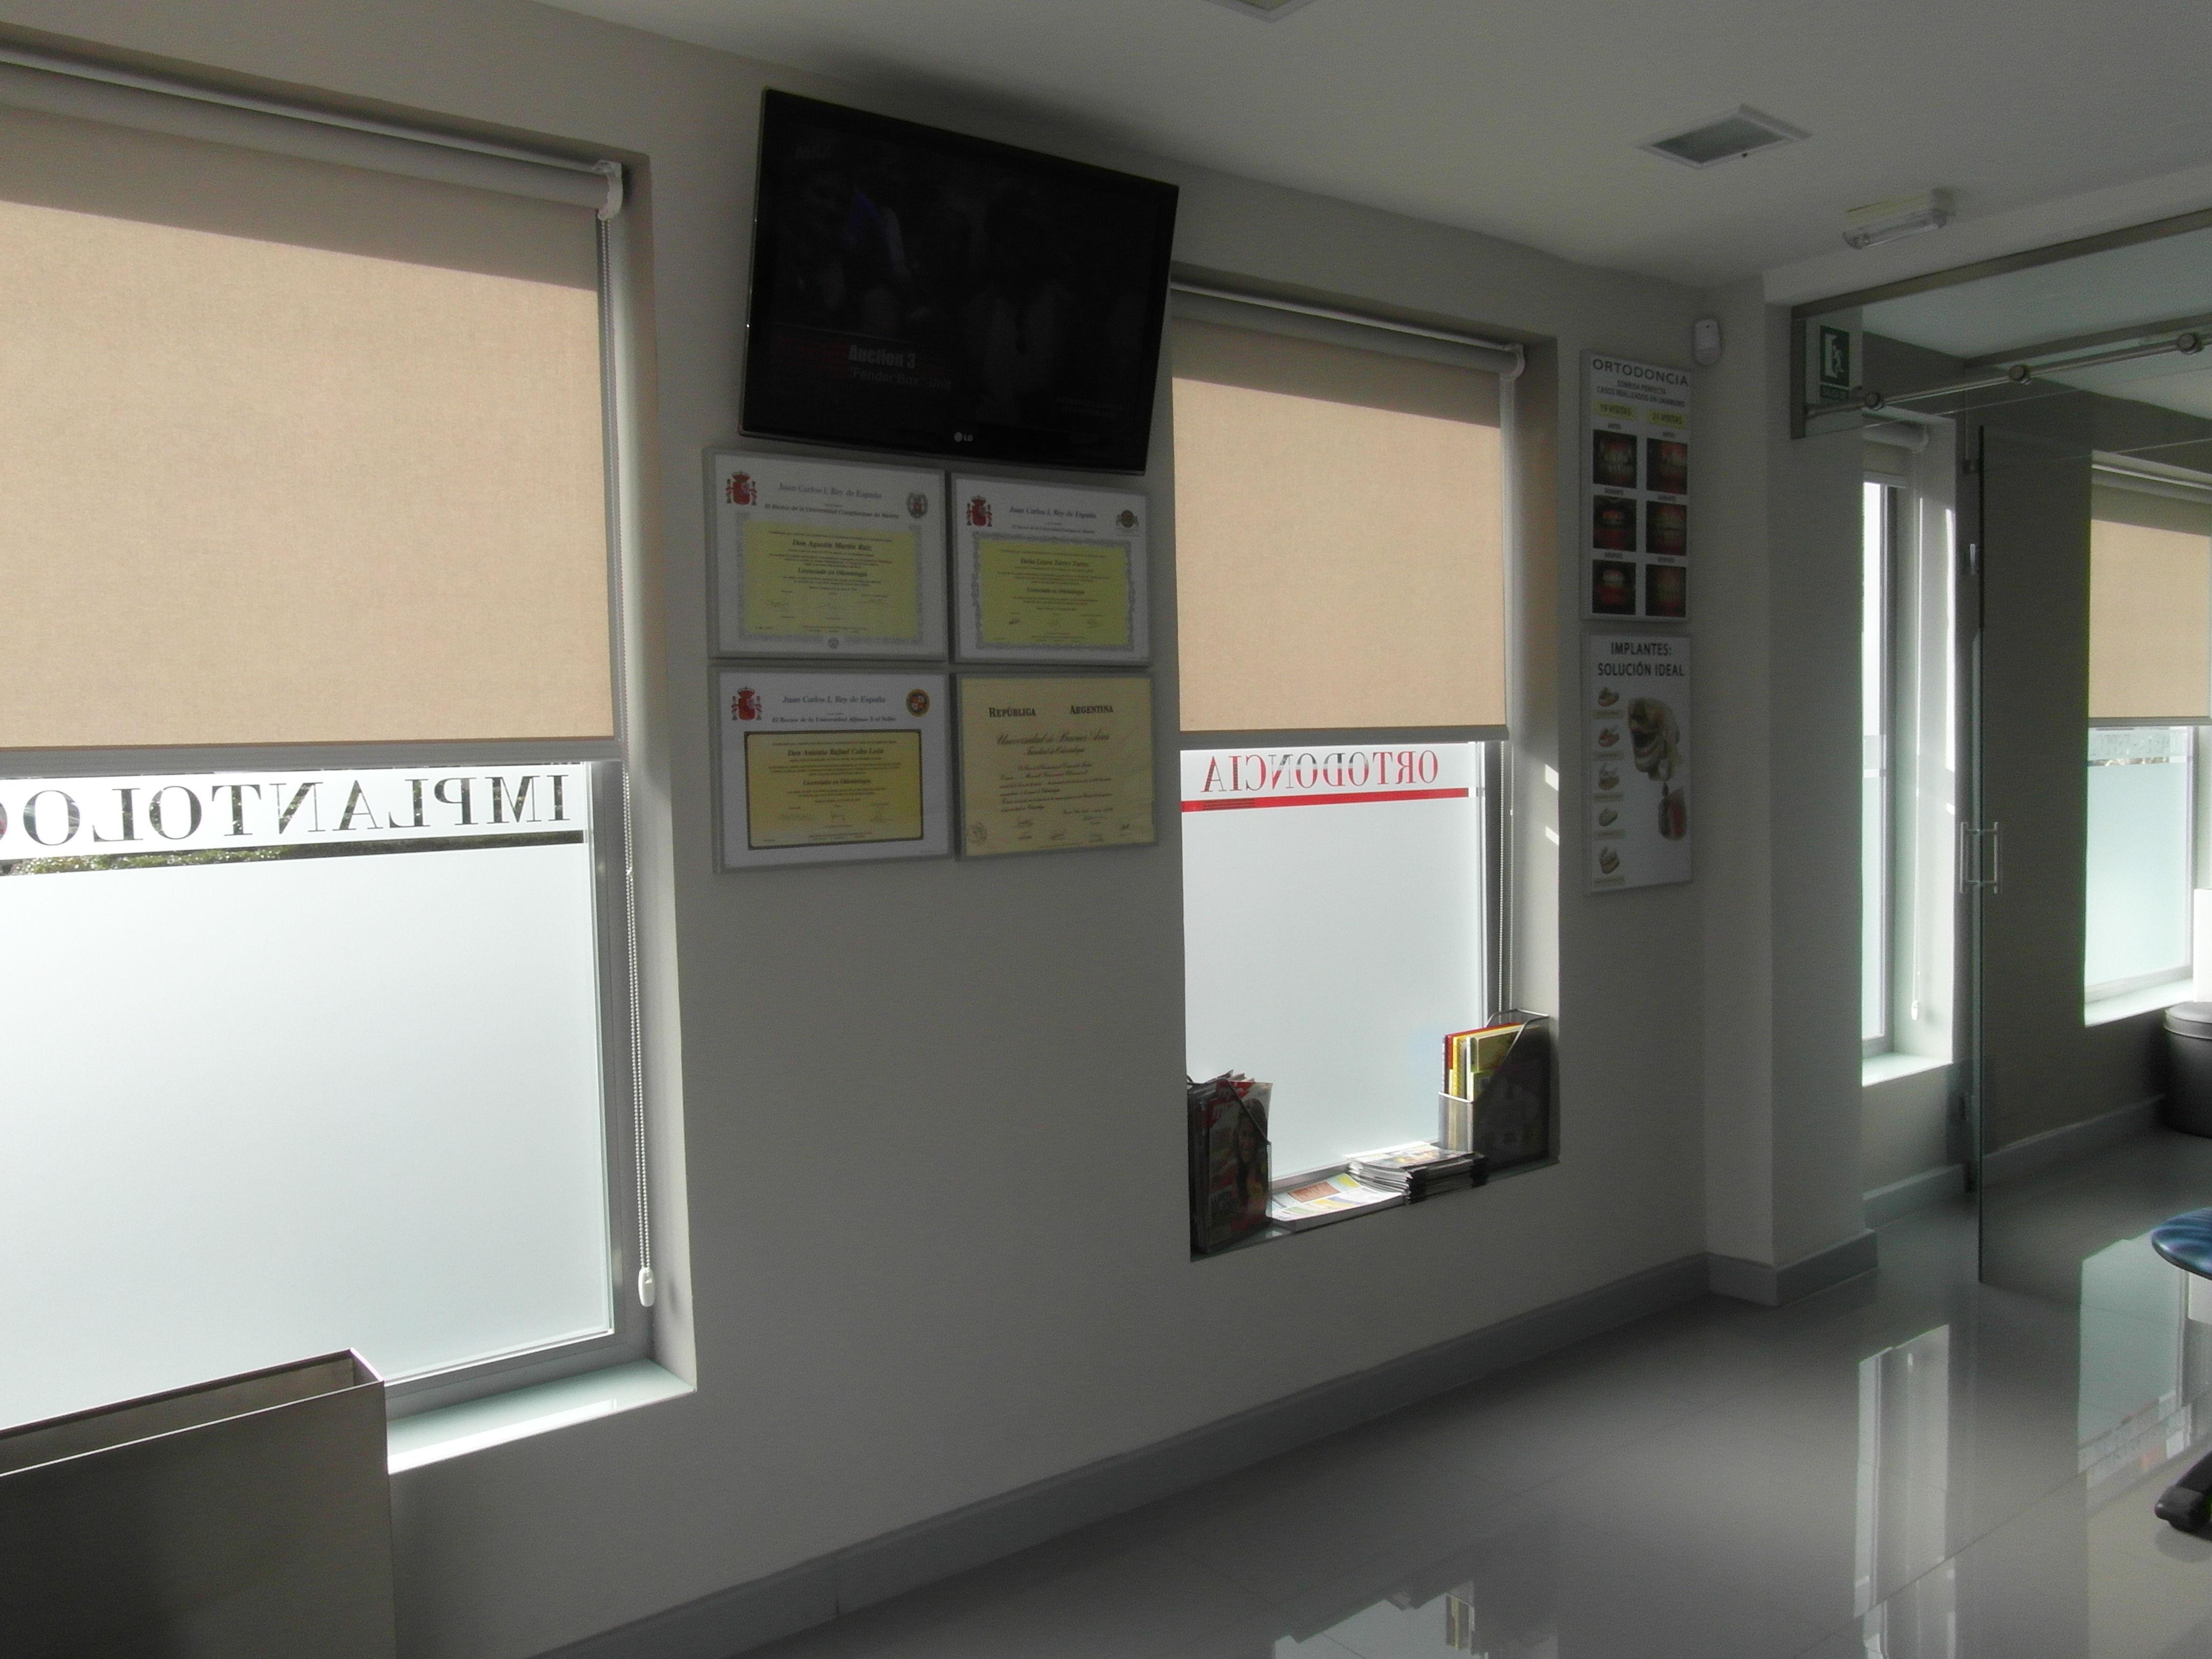 Foto 2 de Clínicas dentales en Fuenlabrada | Centro Dental Unamuno